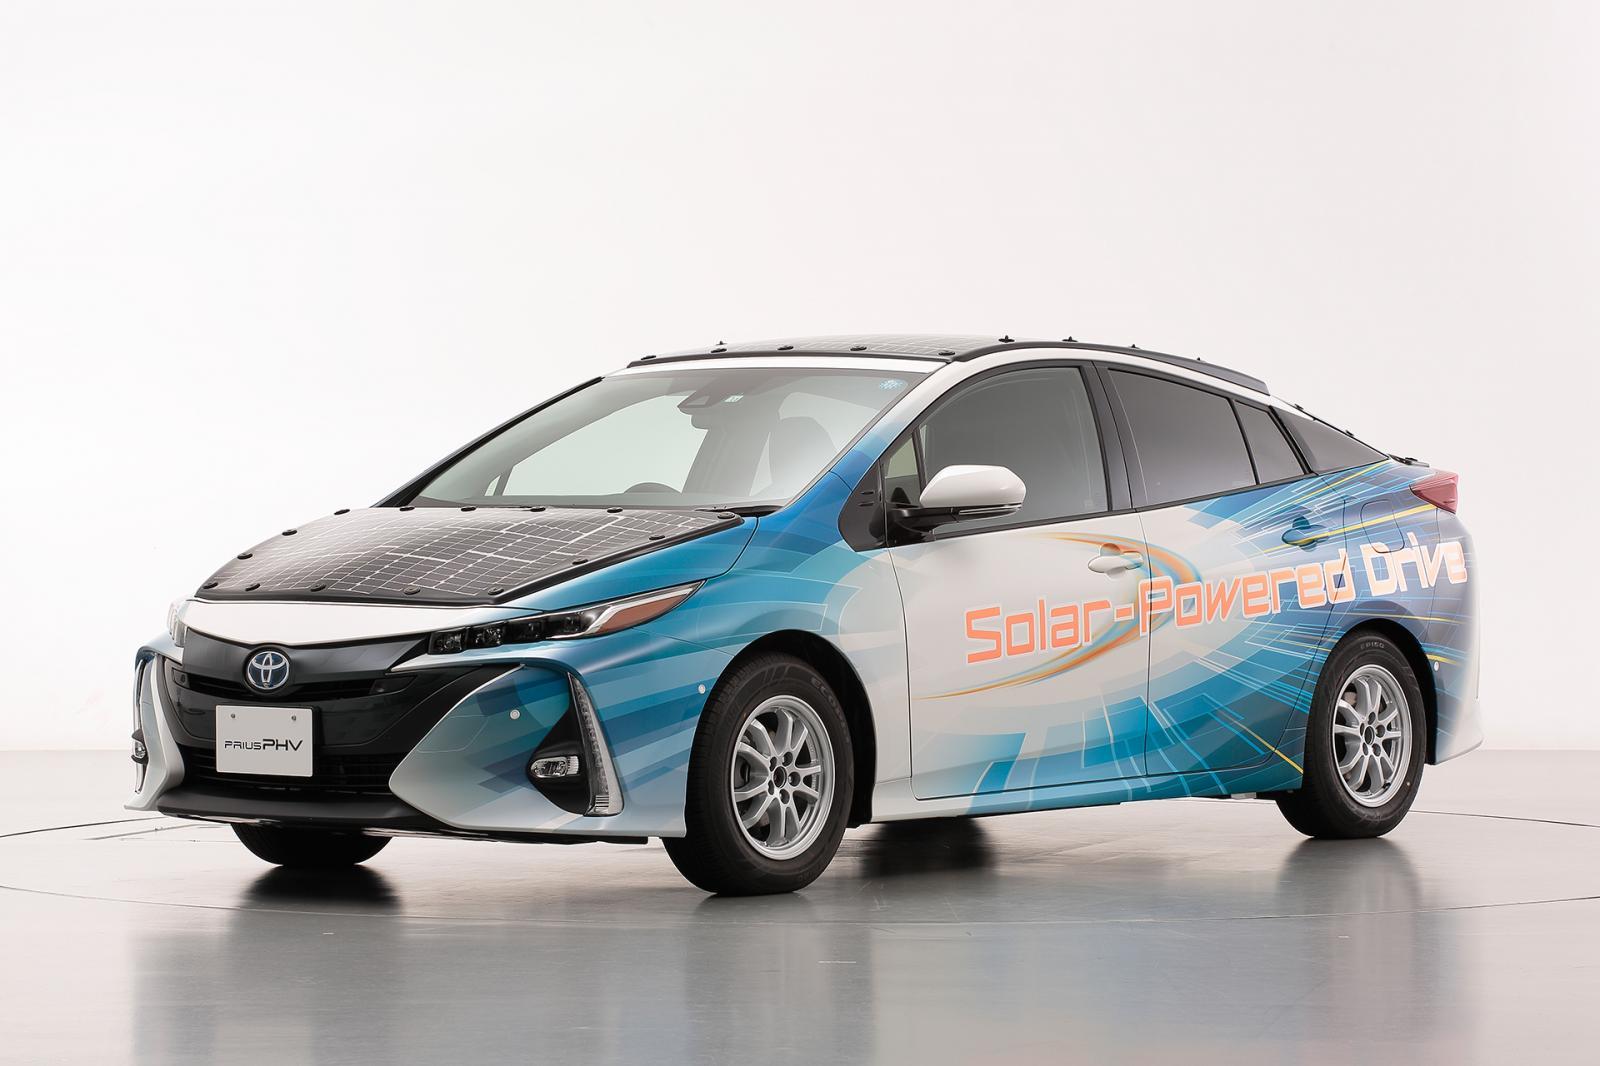 Presentan un Toyota Prius que funciona con energía solar